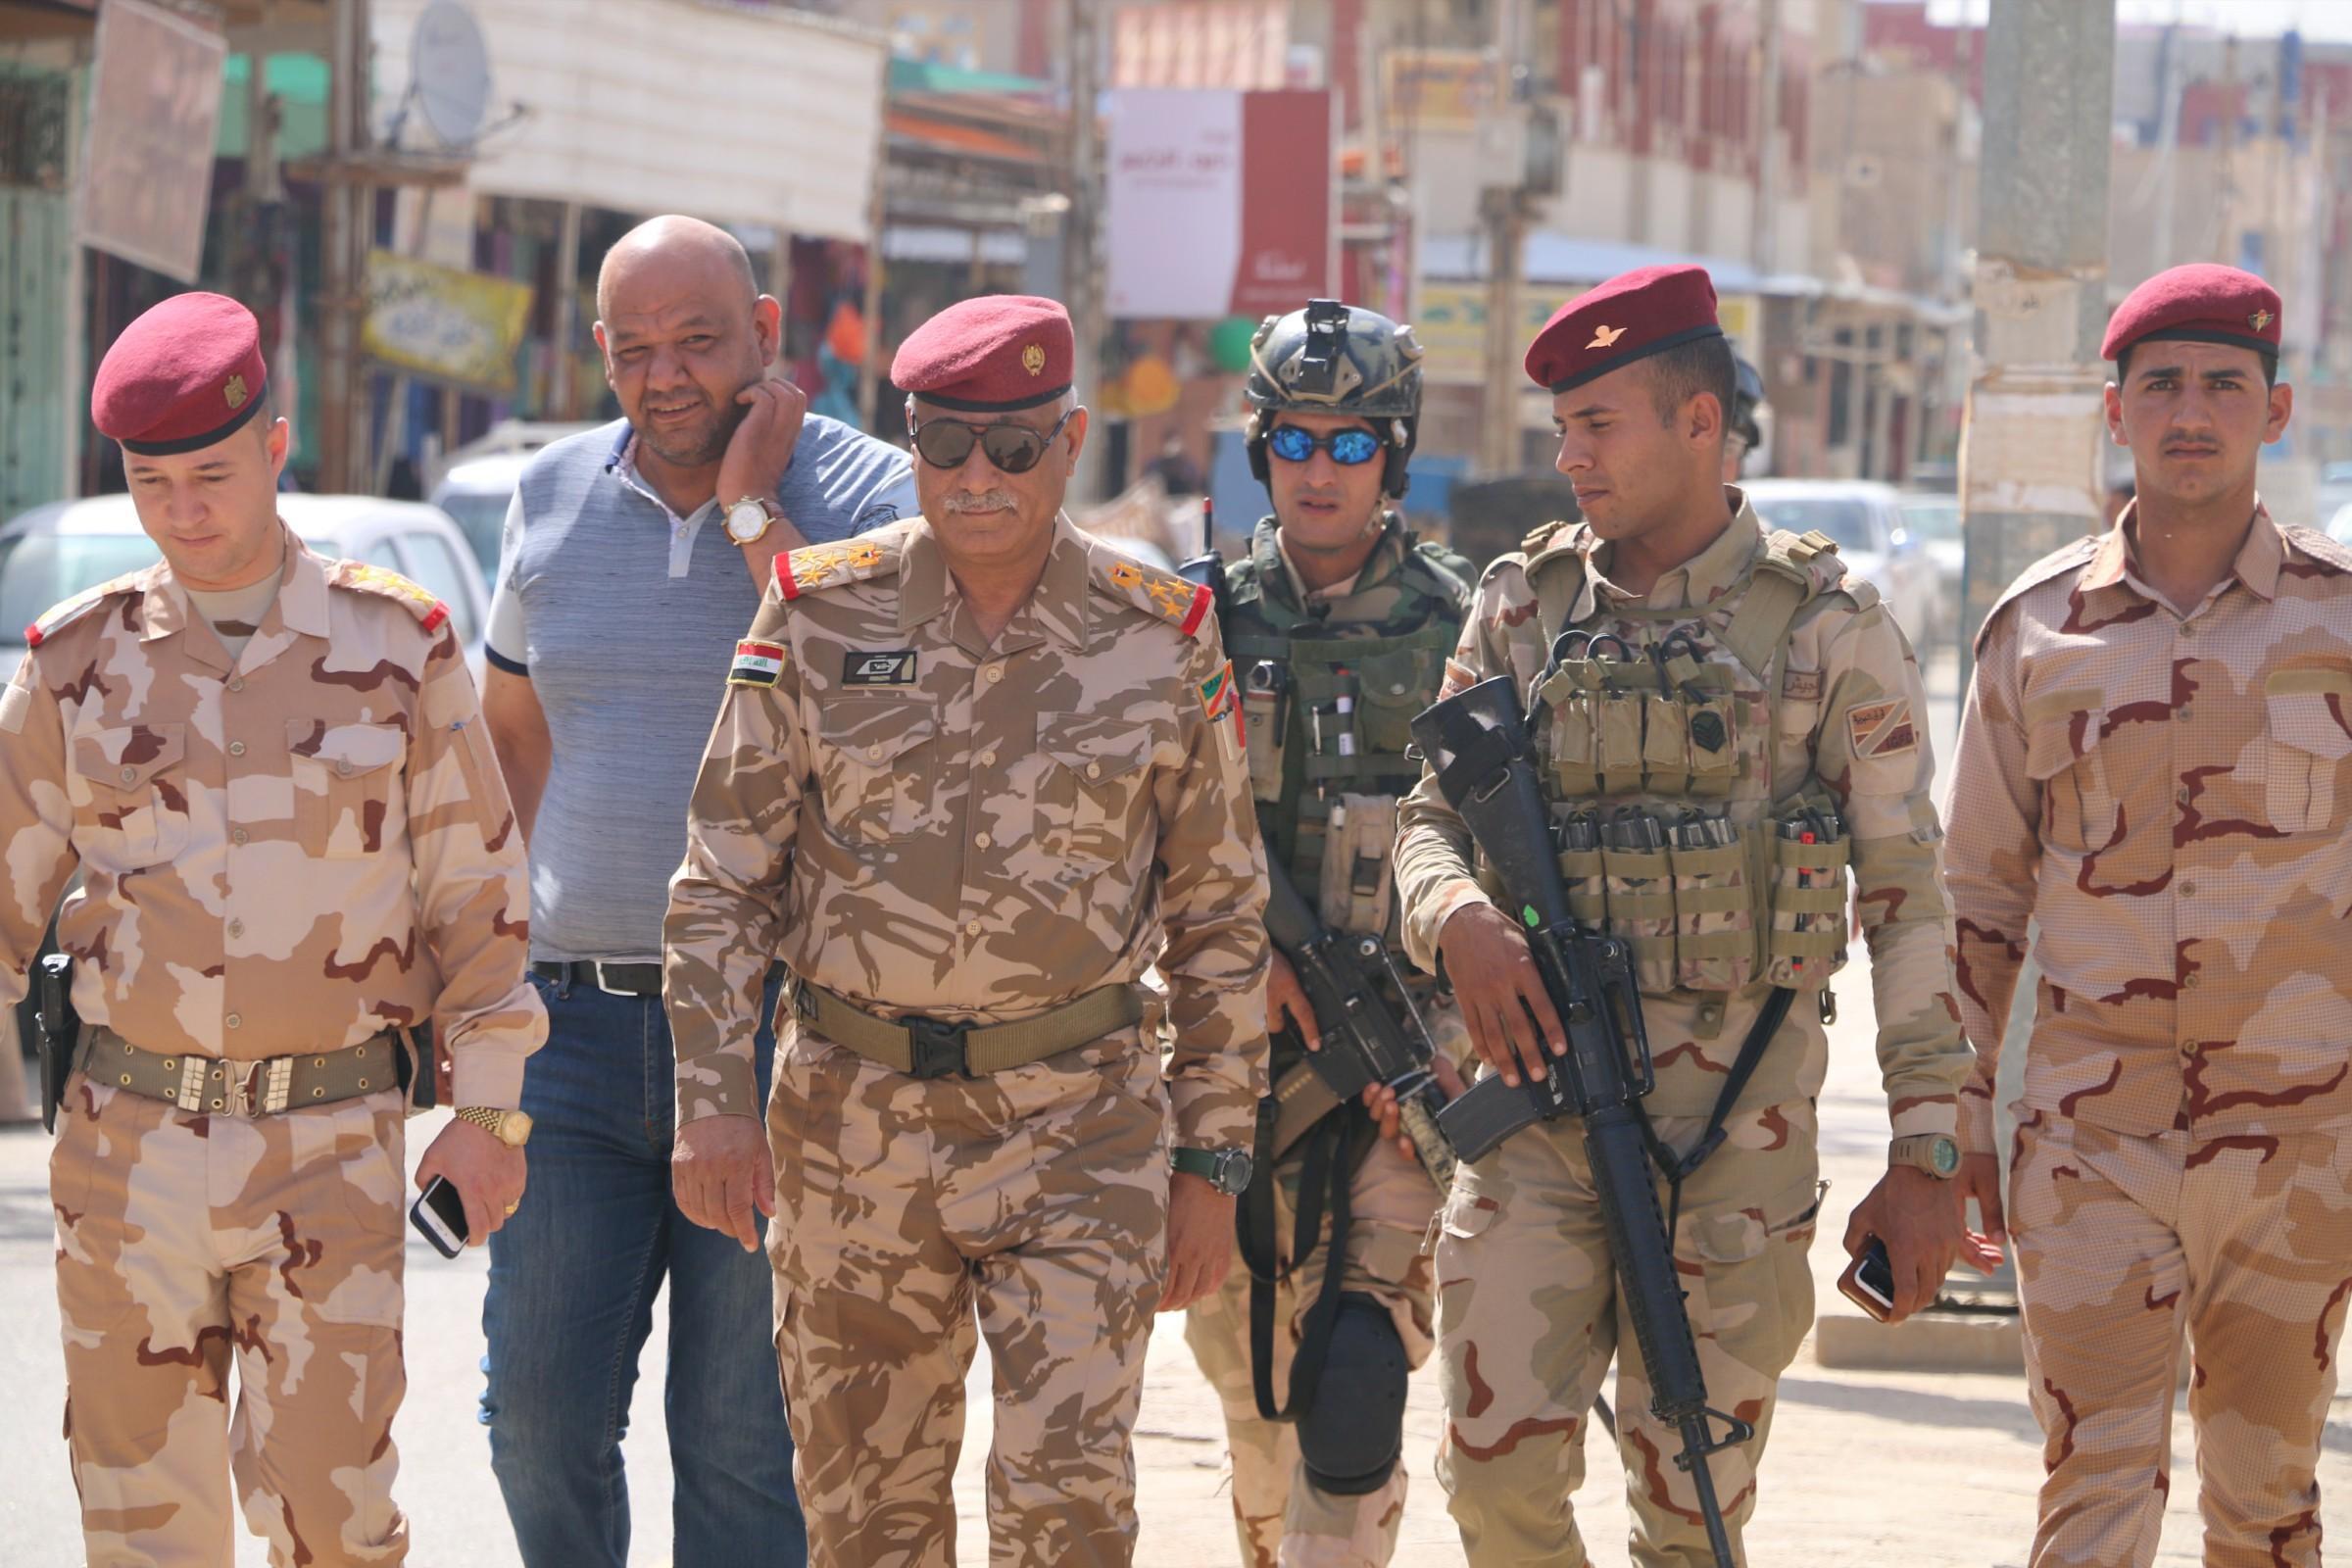 """قائد بالجيش يؤكد الوصول لخلايا نائمة لـ""""داعش"""" بالانبار من خلال تعاون الاهالي"""